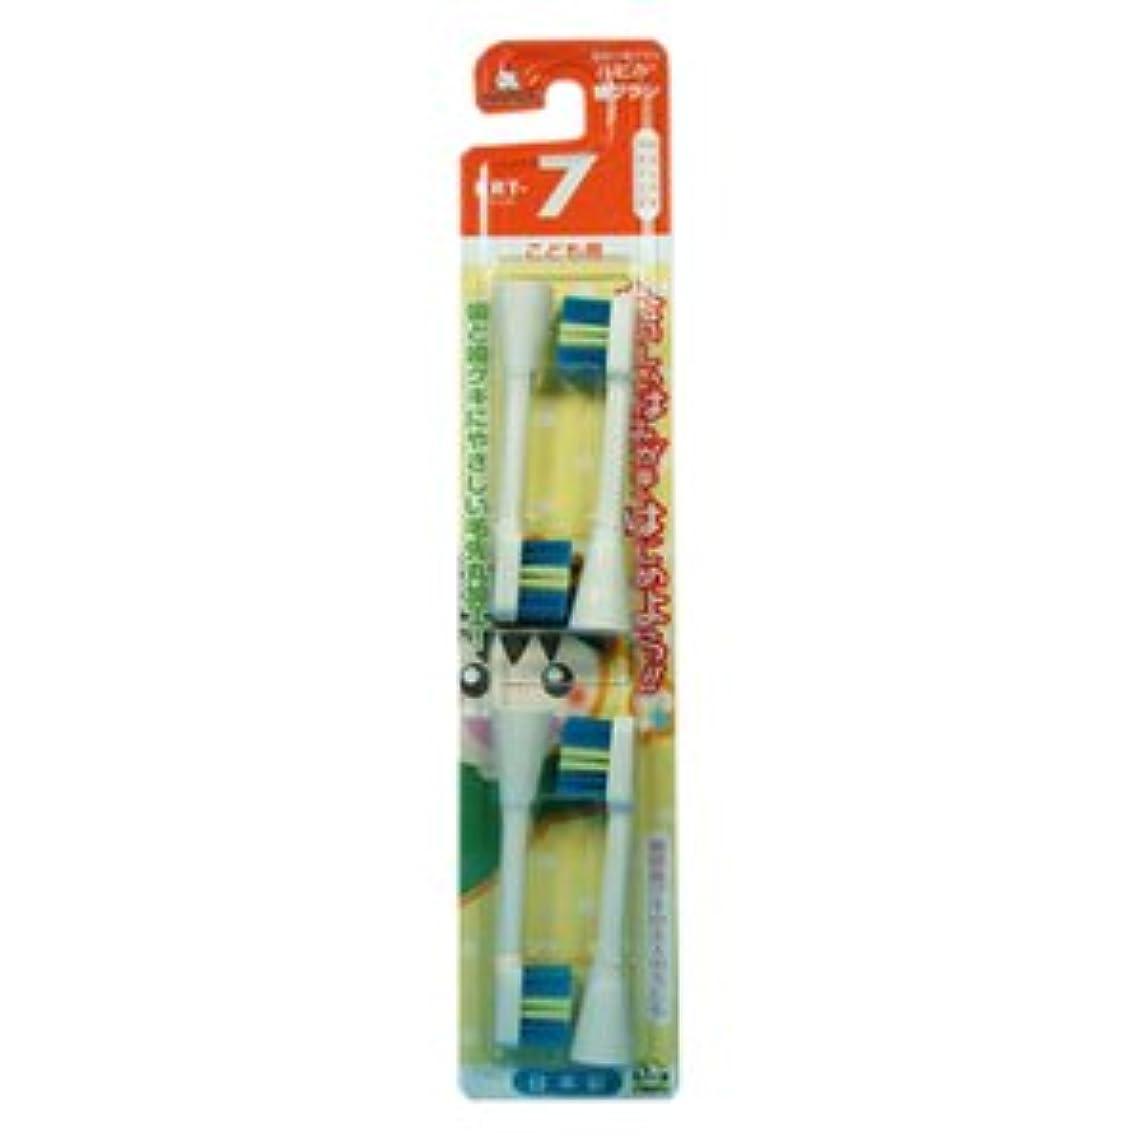 効能あるバタフライびっくりするミニマム 電動付歯ブラシ ハピカ 専用替ブラシ こども用 毛の硬さ:やわらかめ BRT-7 4個入